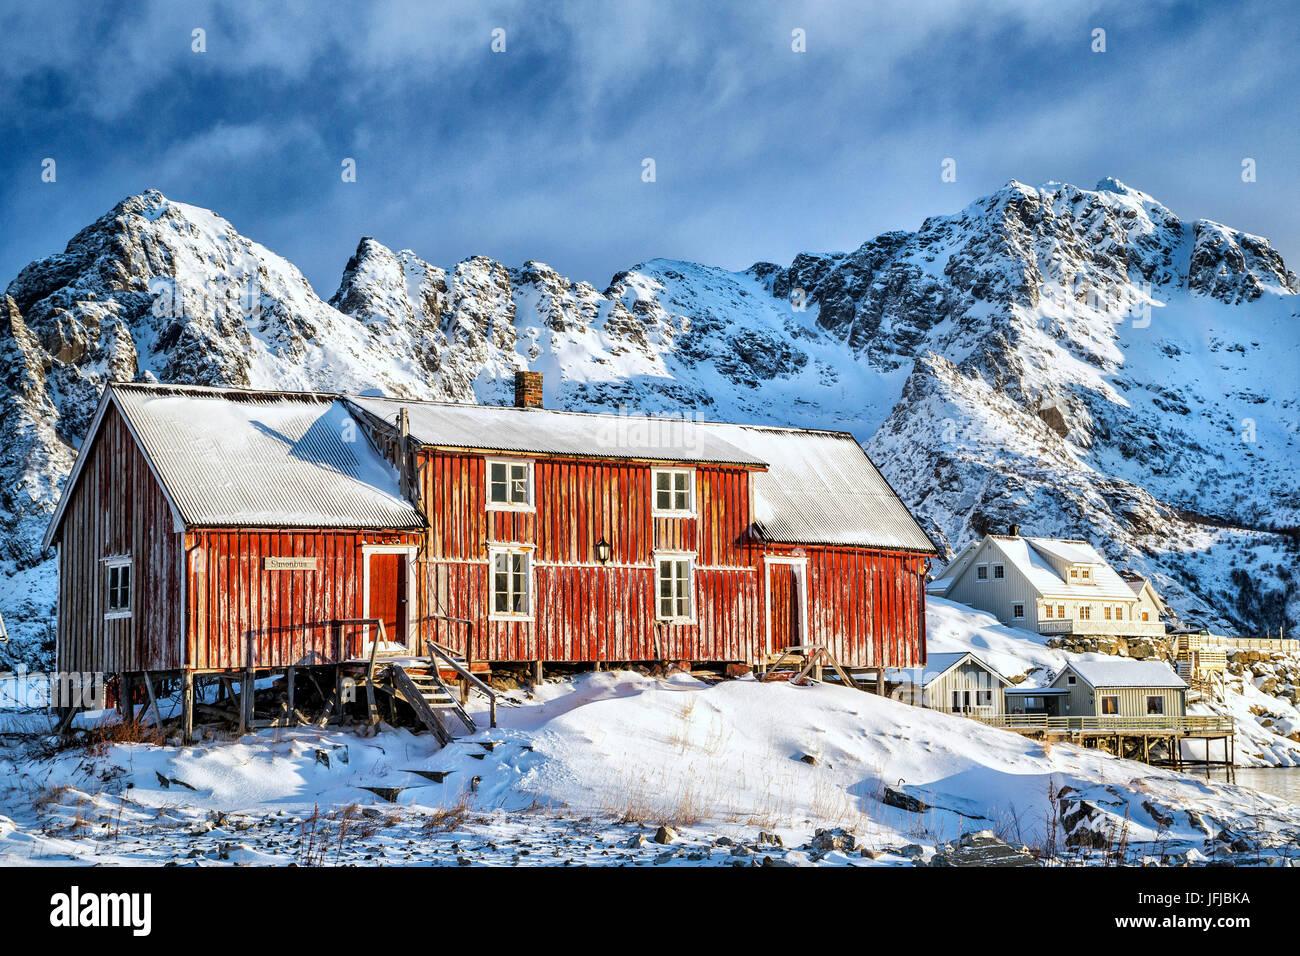 Maison rouge typique des îles Lofoten, Norvège, Europe, Henningsvaer Photo Stock